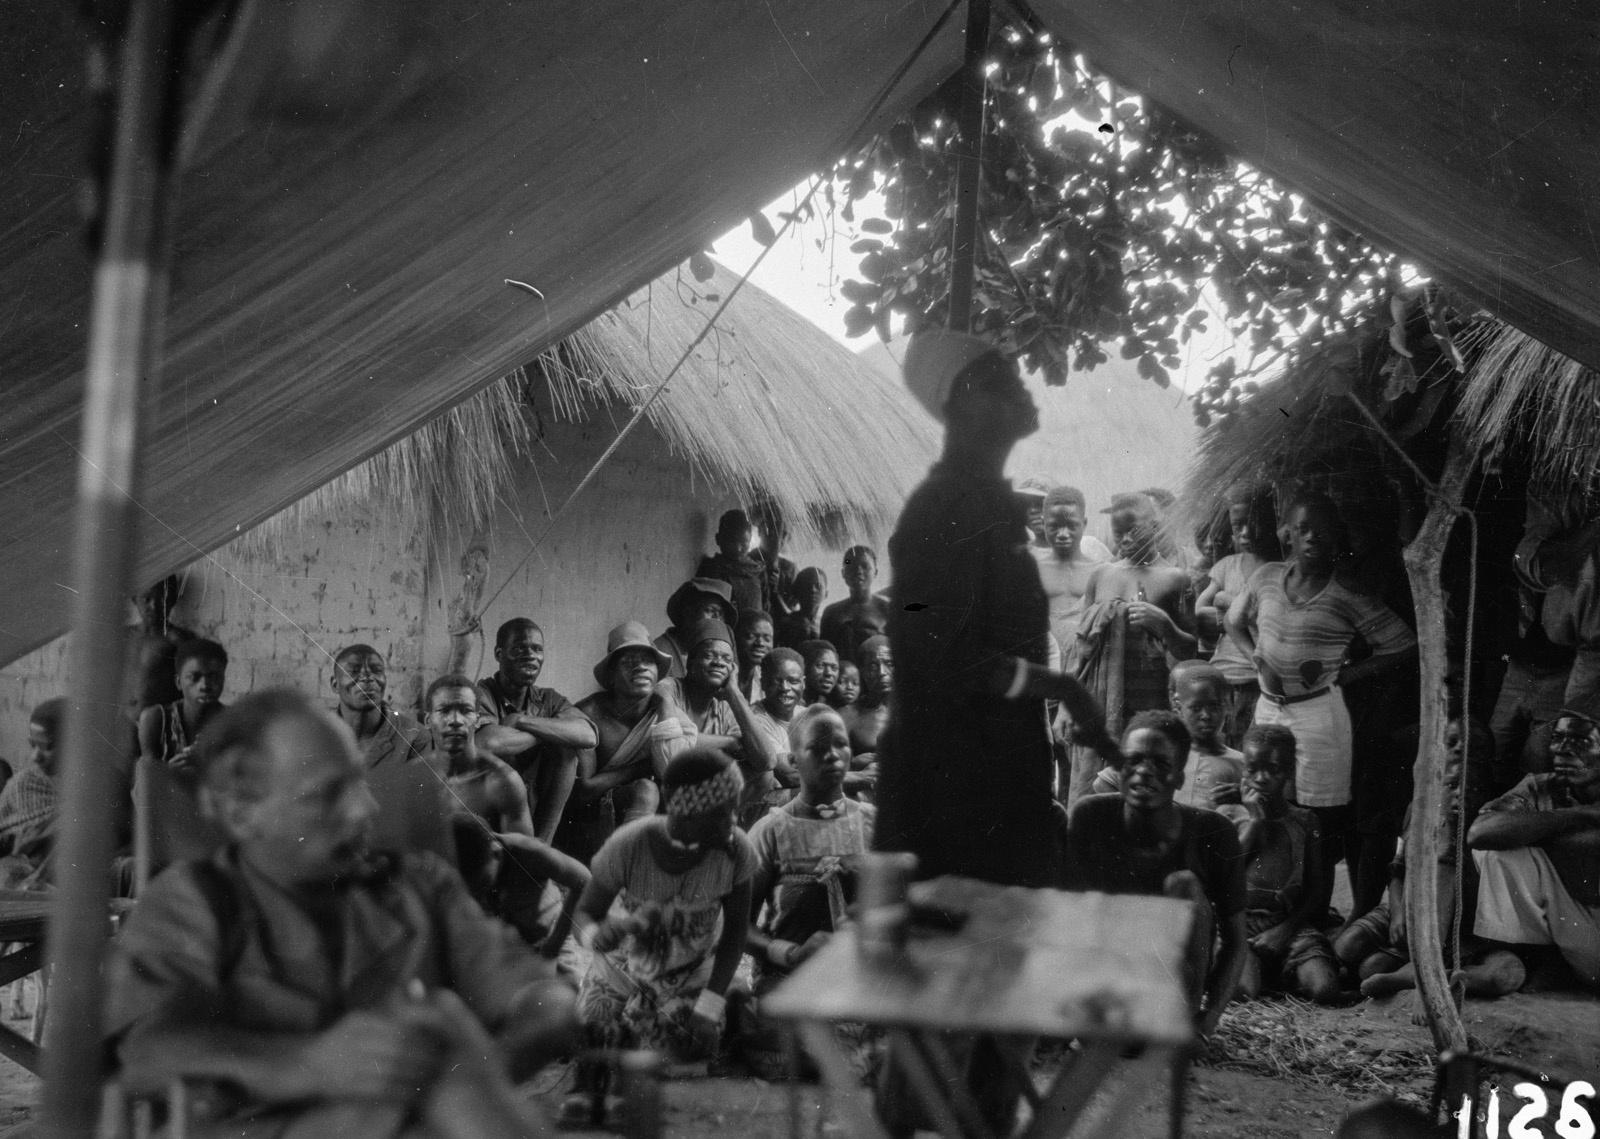 1126. Лундази. Большая группа людей под палаткой. На переднем плане Ганс Шомбургк